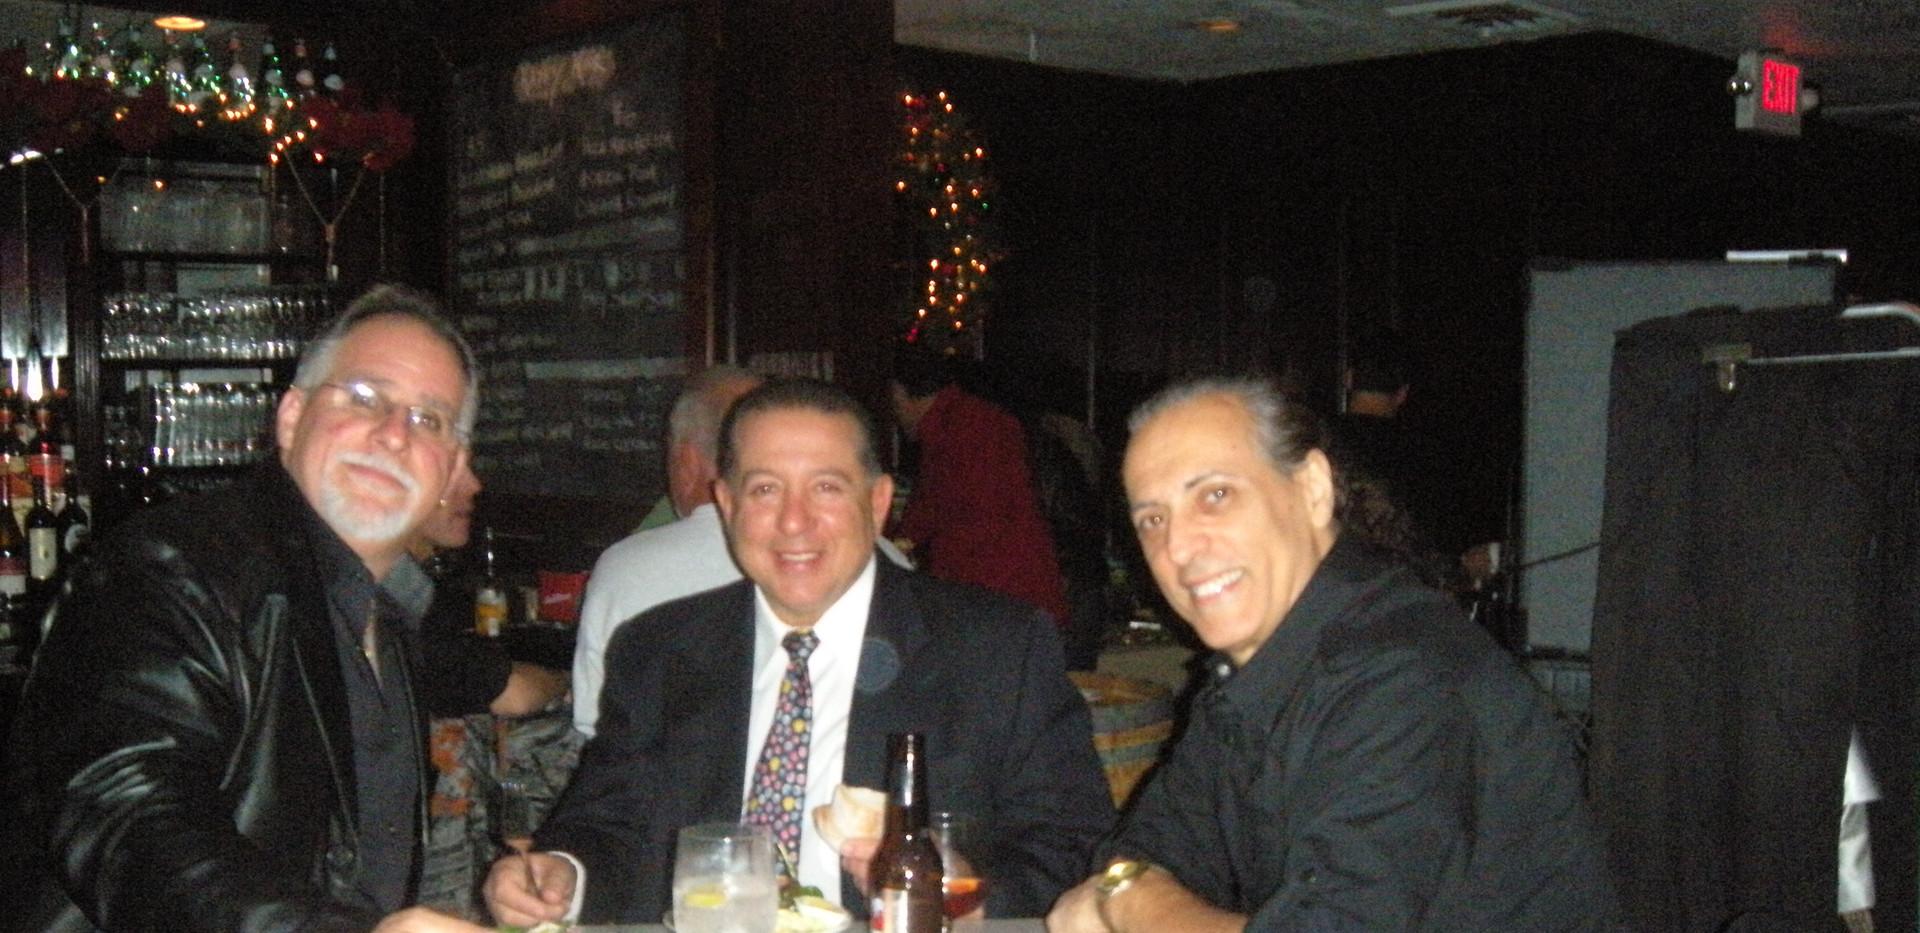 Vinny Marone & Jimmy